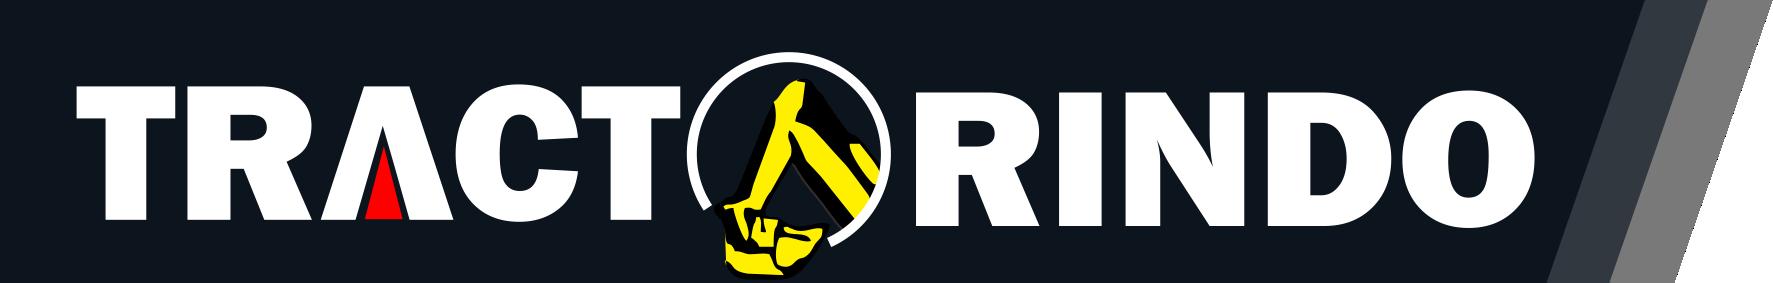 web logo1